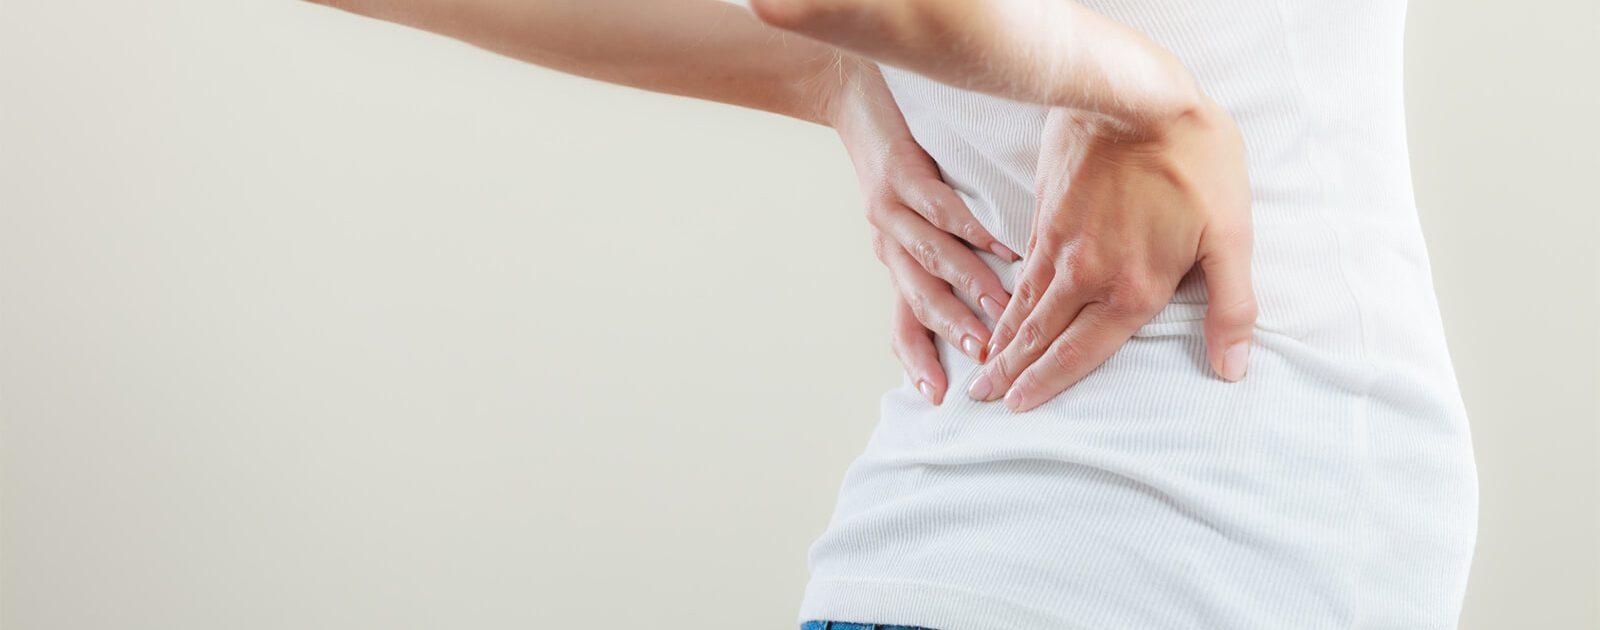 Chronische Rückenschmerzen haben vielfältige Auslöser